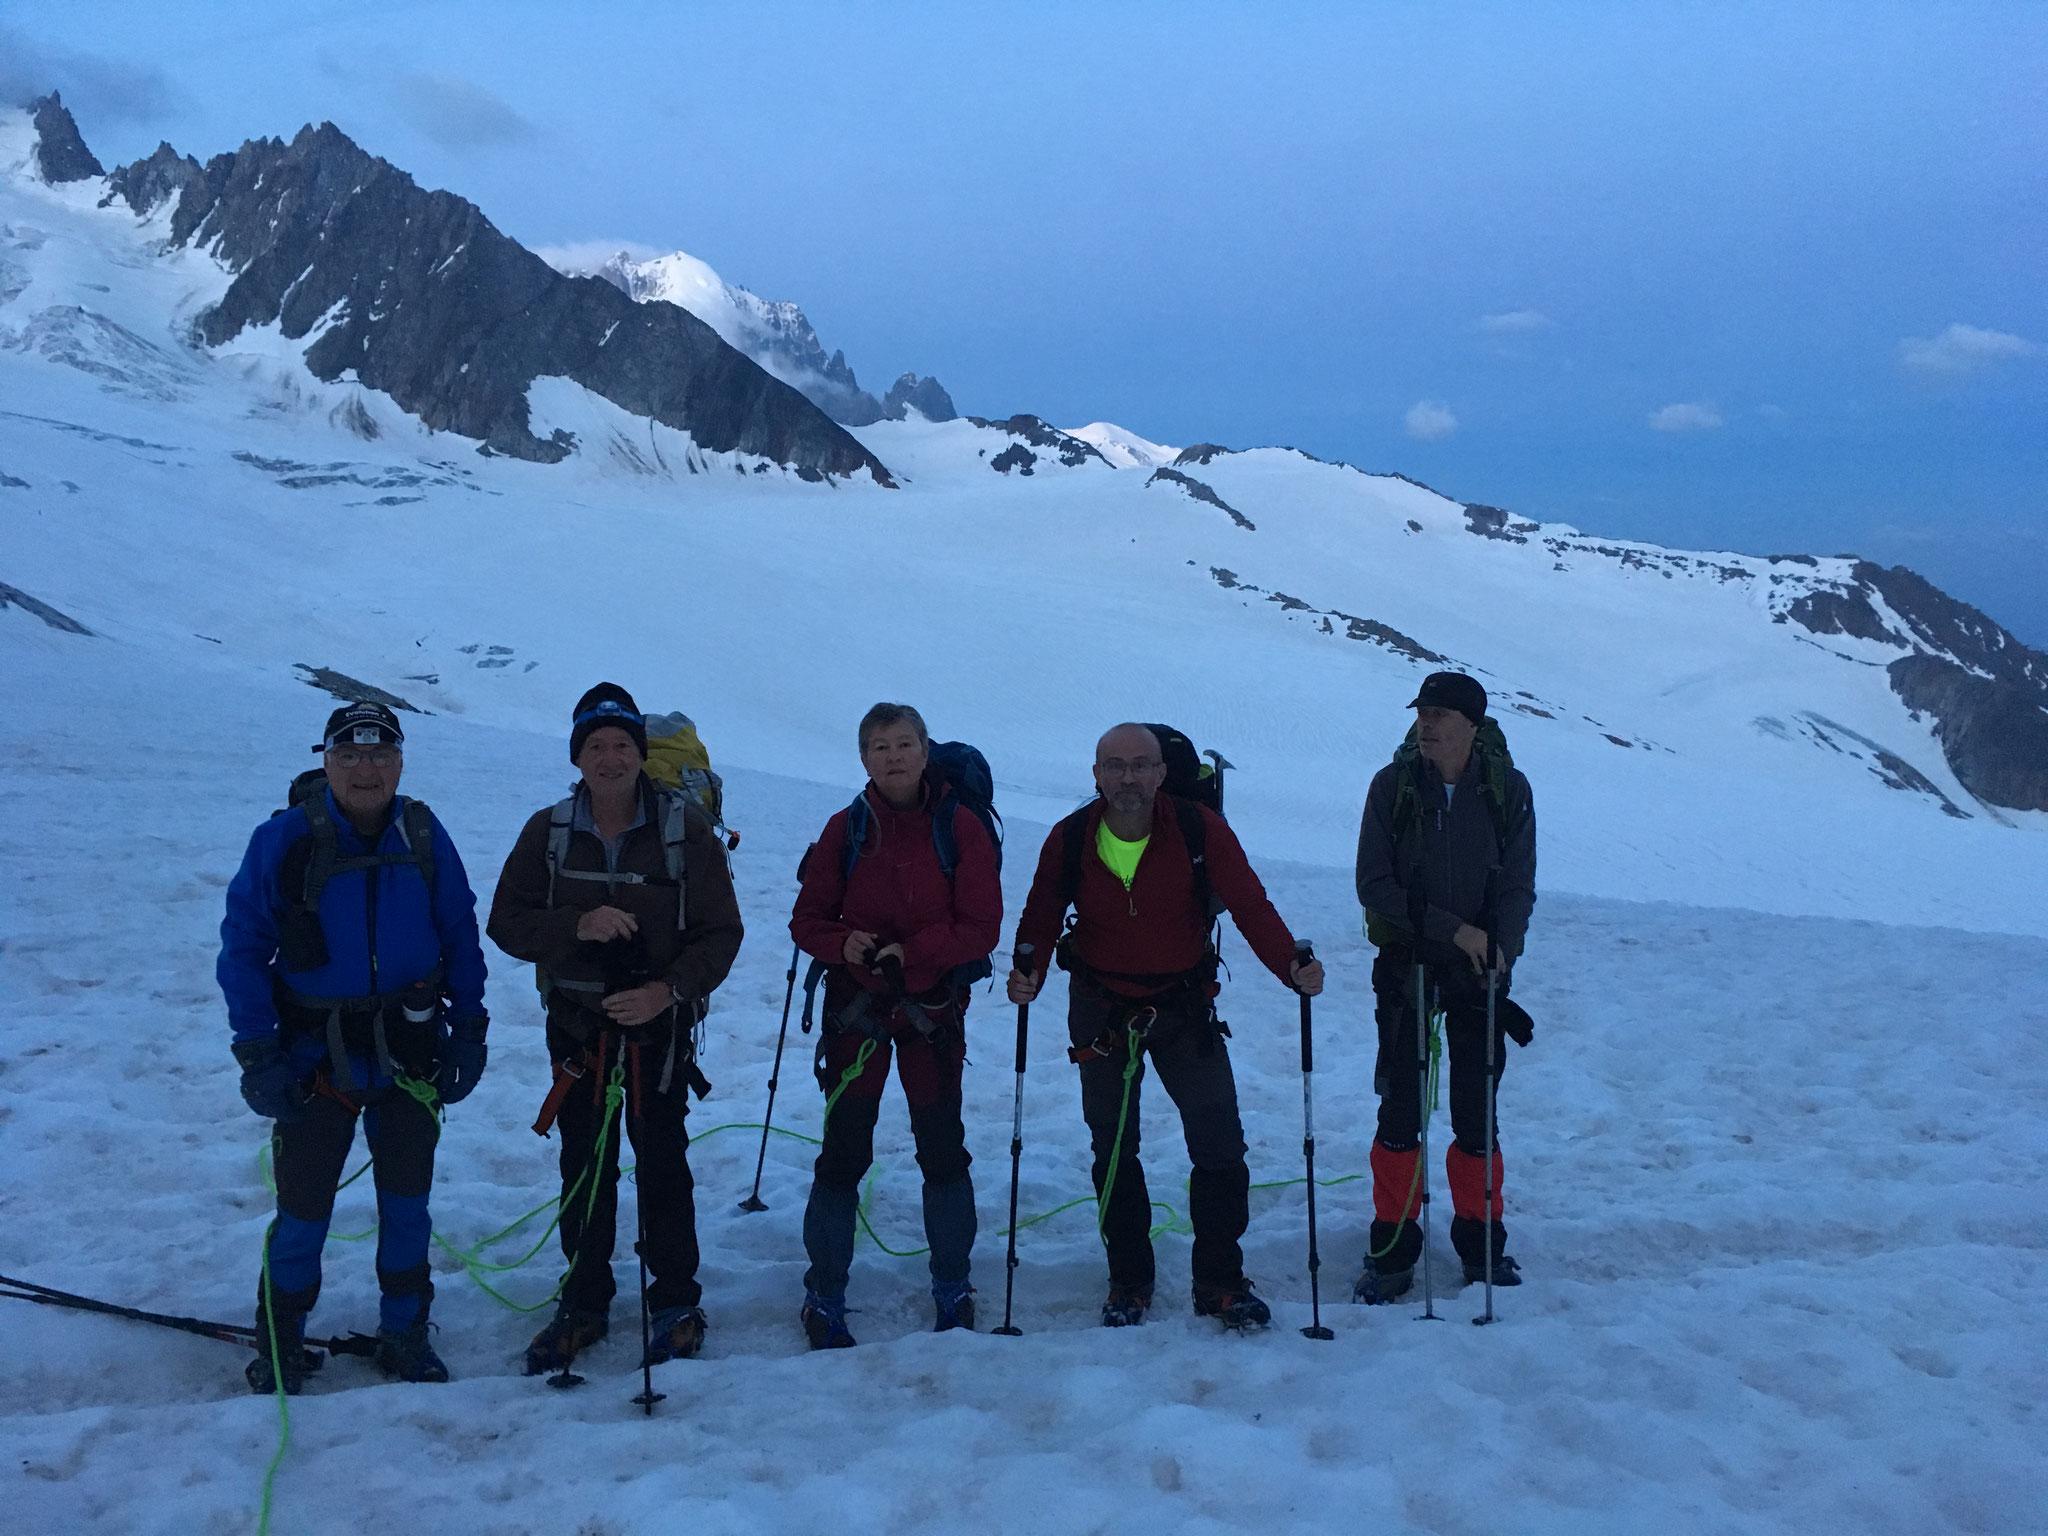 La belle équipe au départ sur le Glacier du Tour